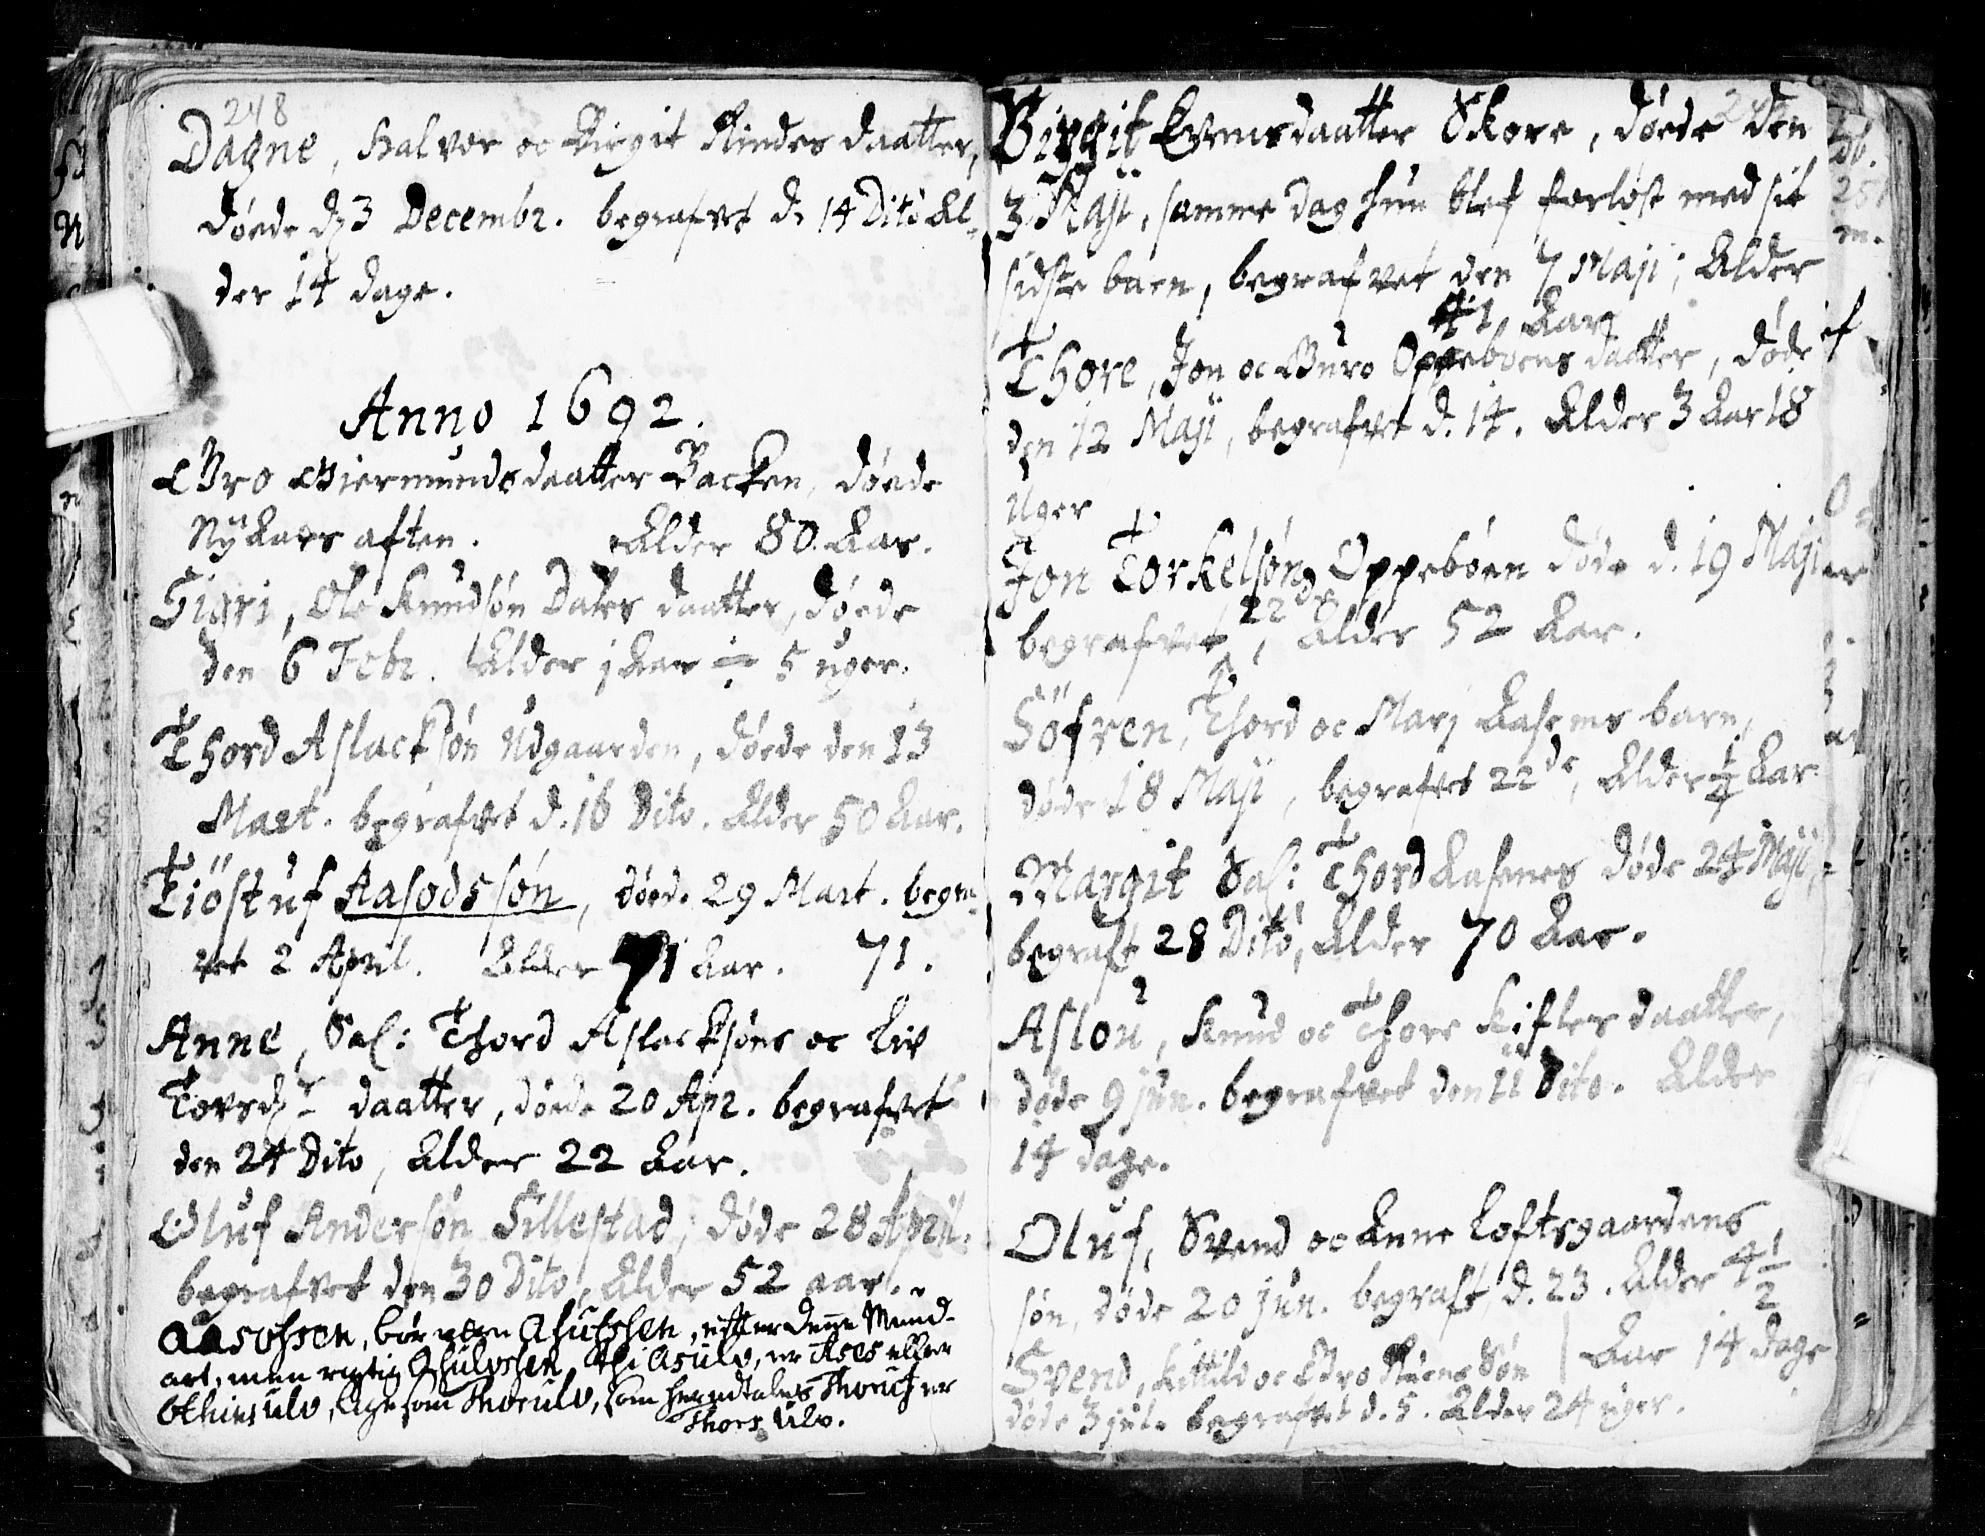 SAKO, Seljord kirkebøker, F/Fa/L0002: Ministerialbok nr. I 2, 1689-1713, s. 248-249